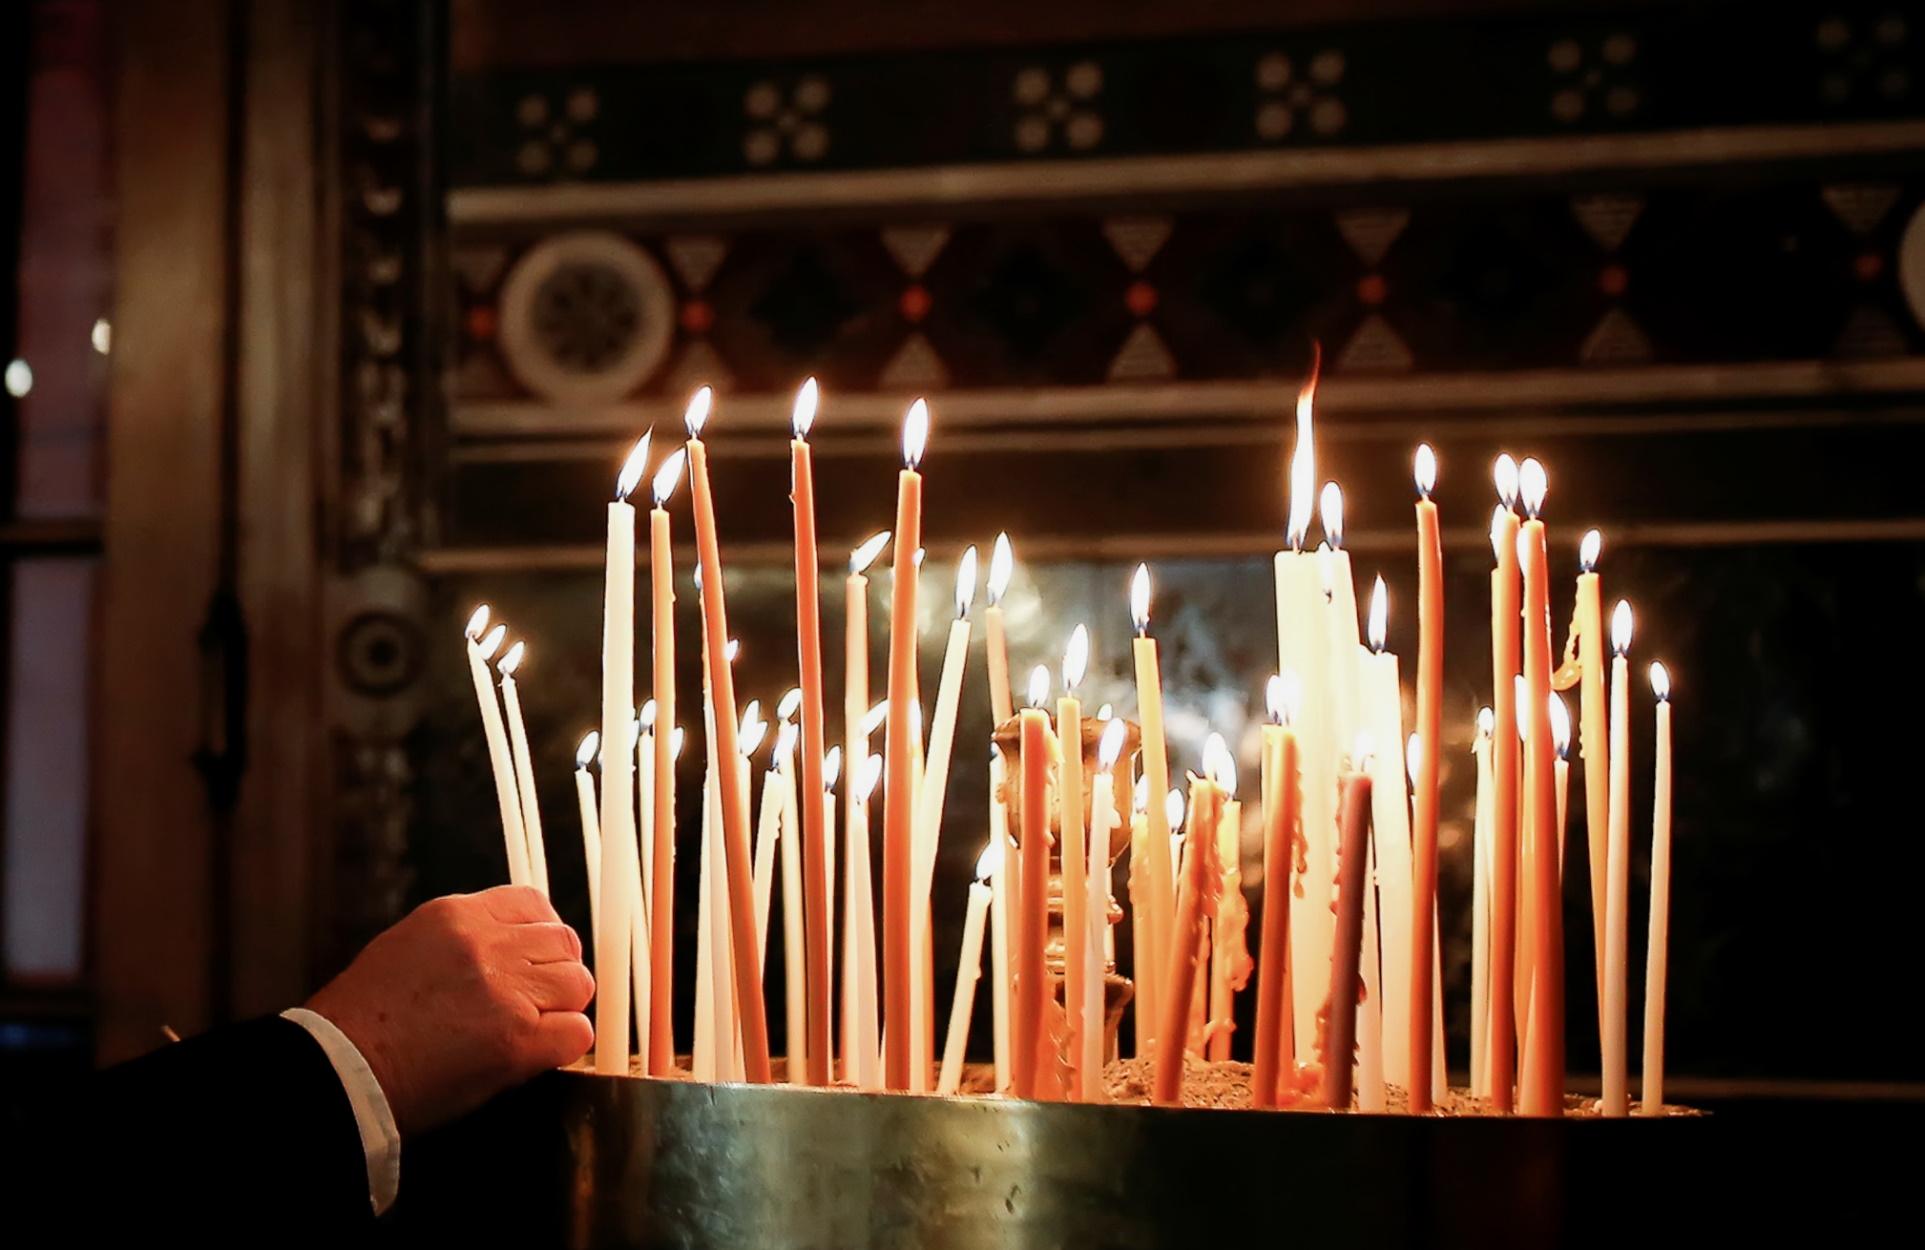 Μεγάλη Δευτέρα: Η Ακολουθία του Νυμφίου ζωντανά από το Φανάρι